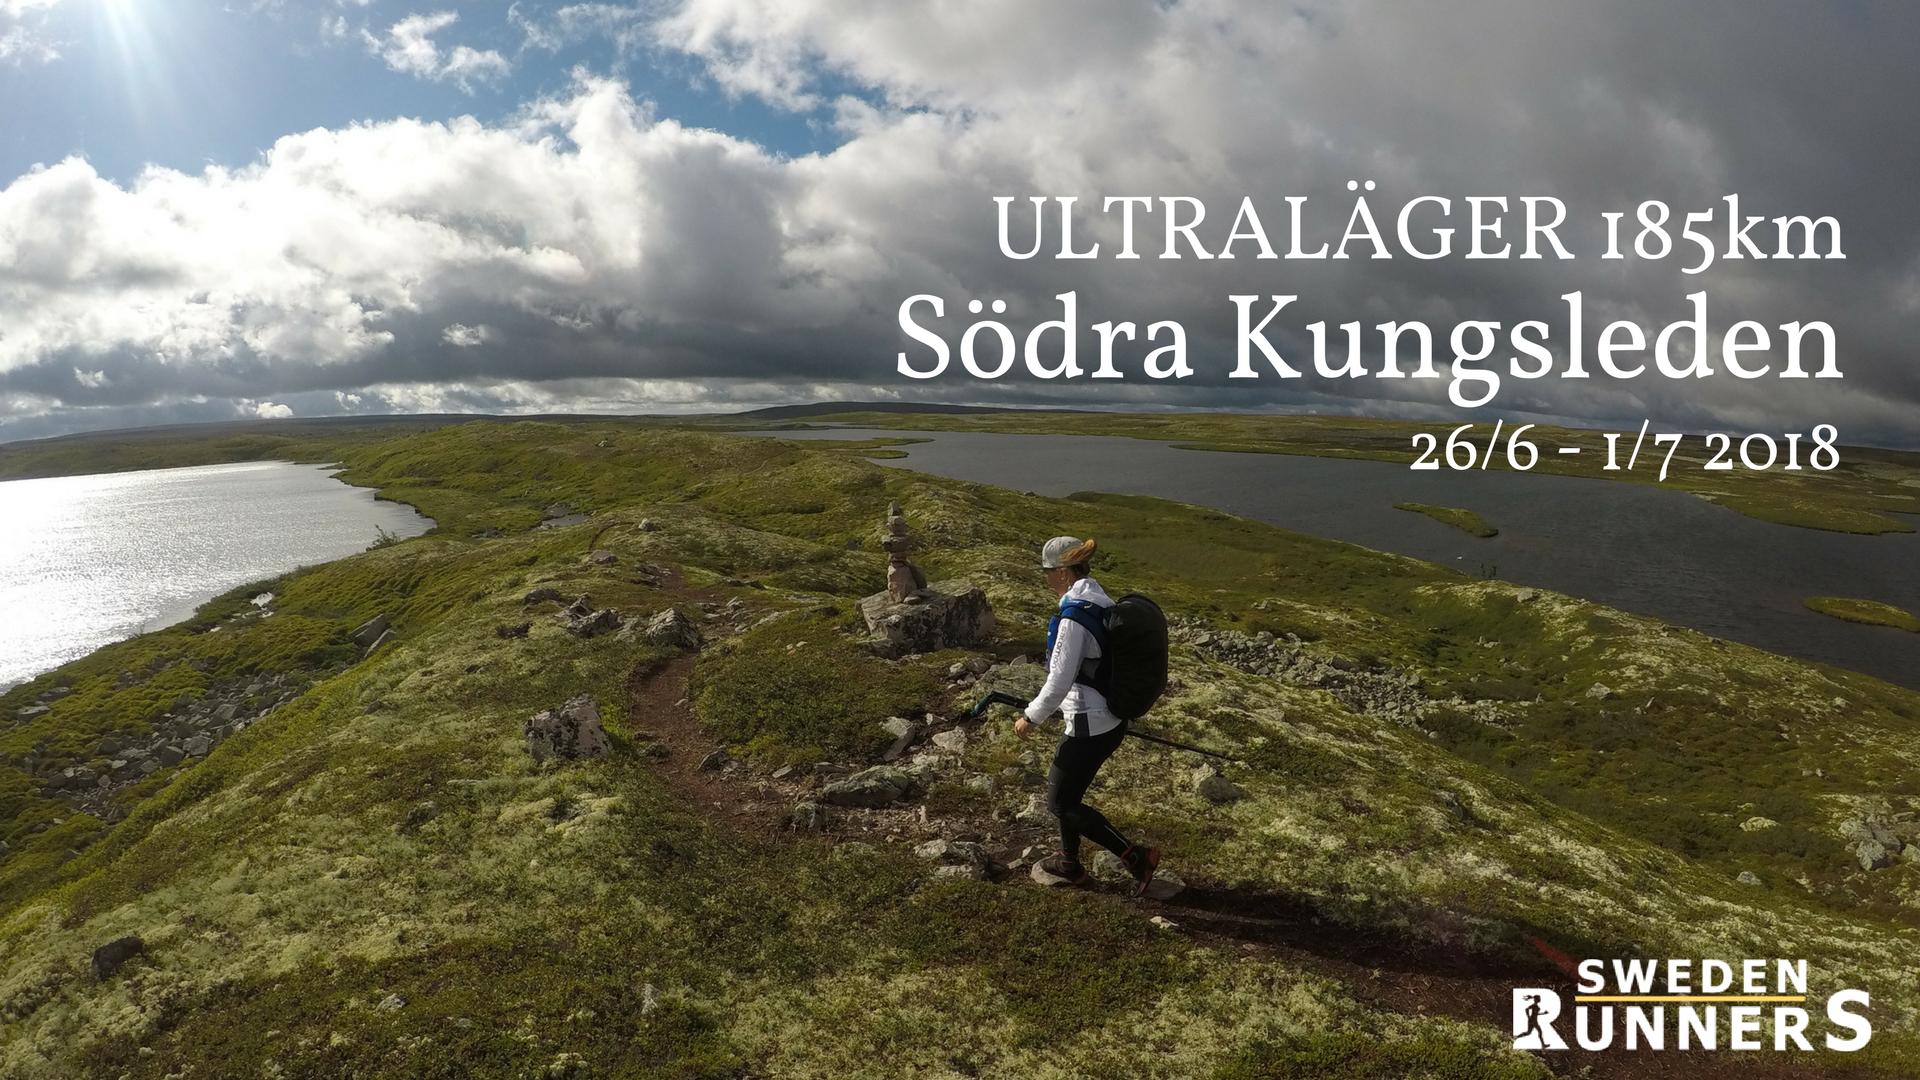 Ultraläger Löparläger träningsresa Sweden Runners